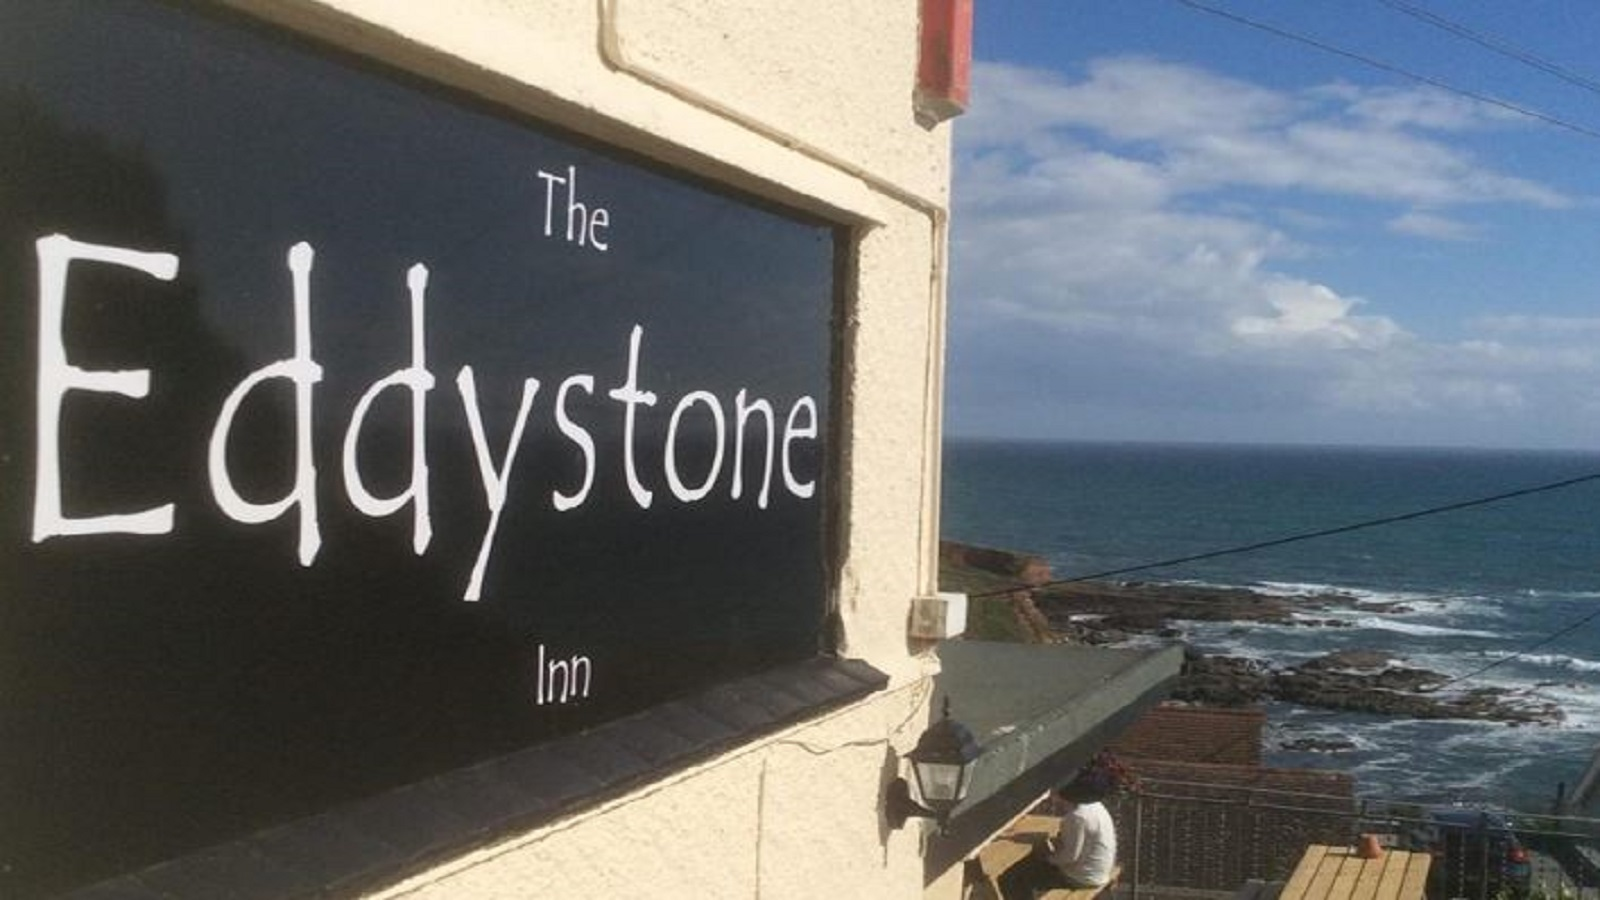 Eddystone Inn